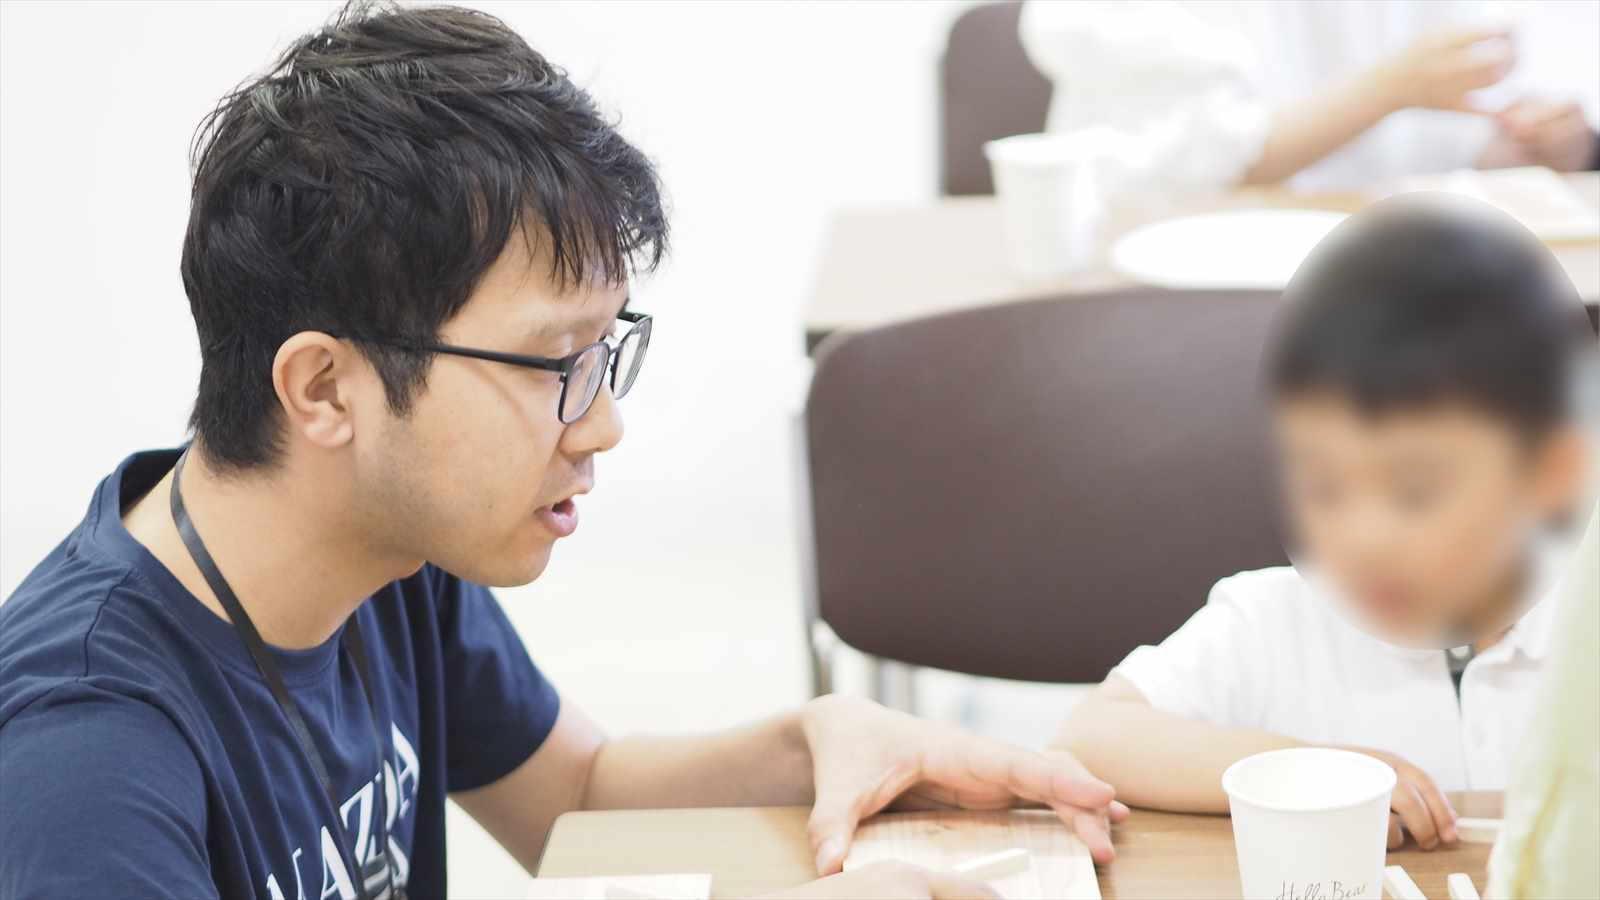 とくしまカラクリ教室 イシハラヤスユキ ジャッキー先生